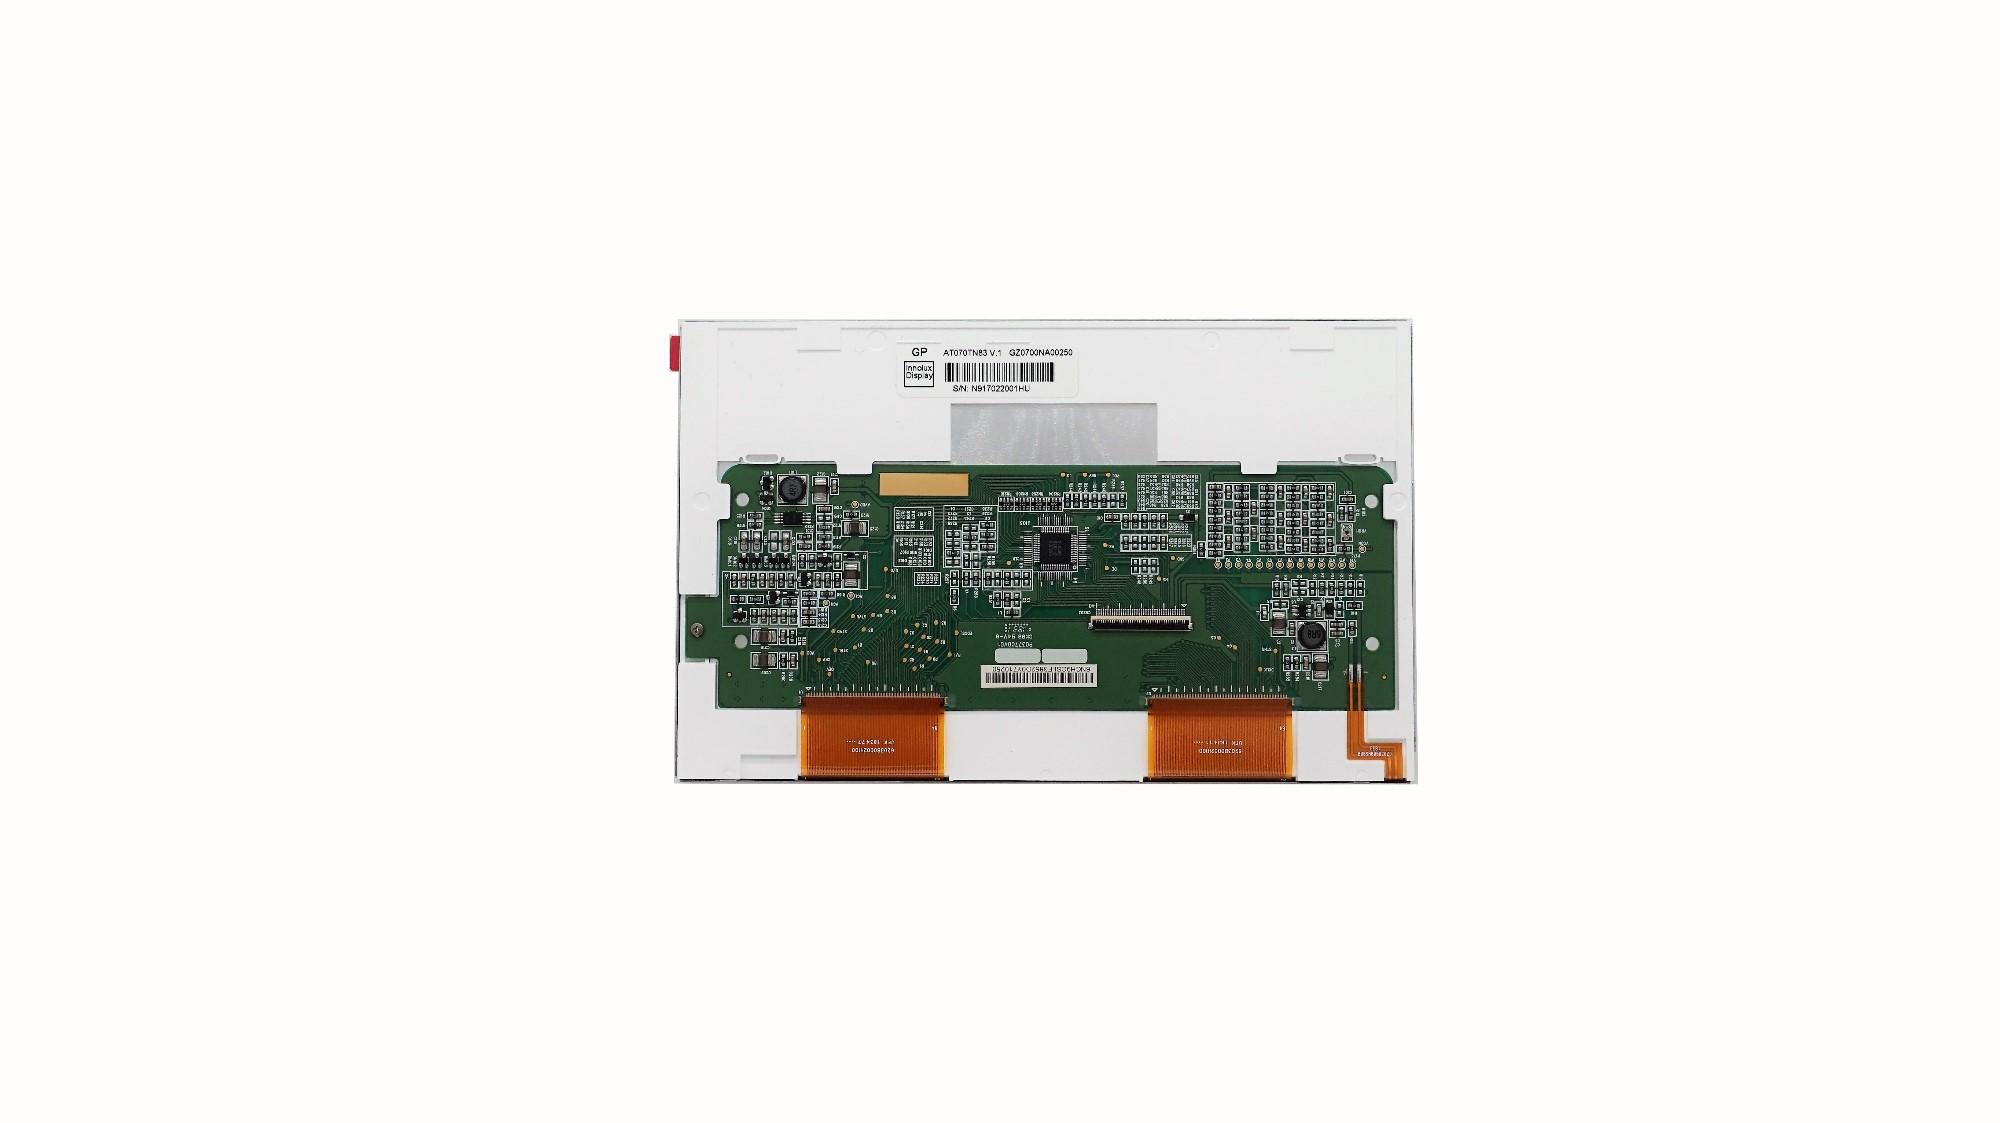 Custom China Innolux Original 7.0 Inch TFT Lcd Display 800x480 Tn83, Innolux Original 7.0 Inch TFT Lcd Display 800x480 Tn83 Factory, Innolux Original 7.0 Inch TFT Lcd Display 800x480 Tn83 OEM